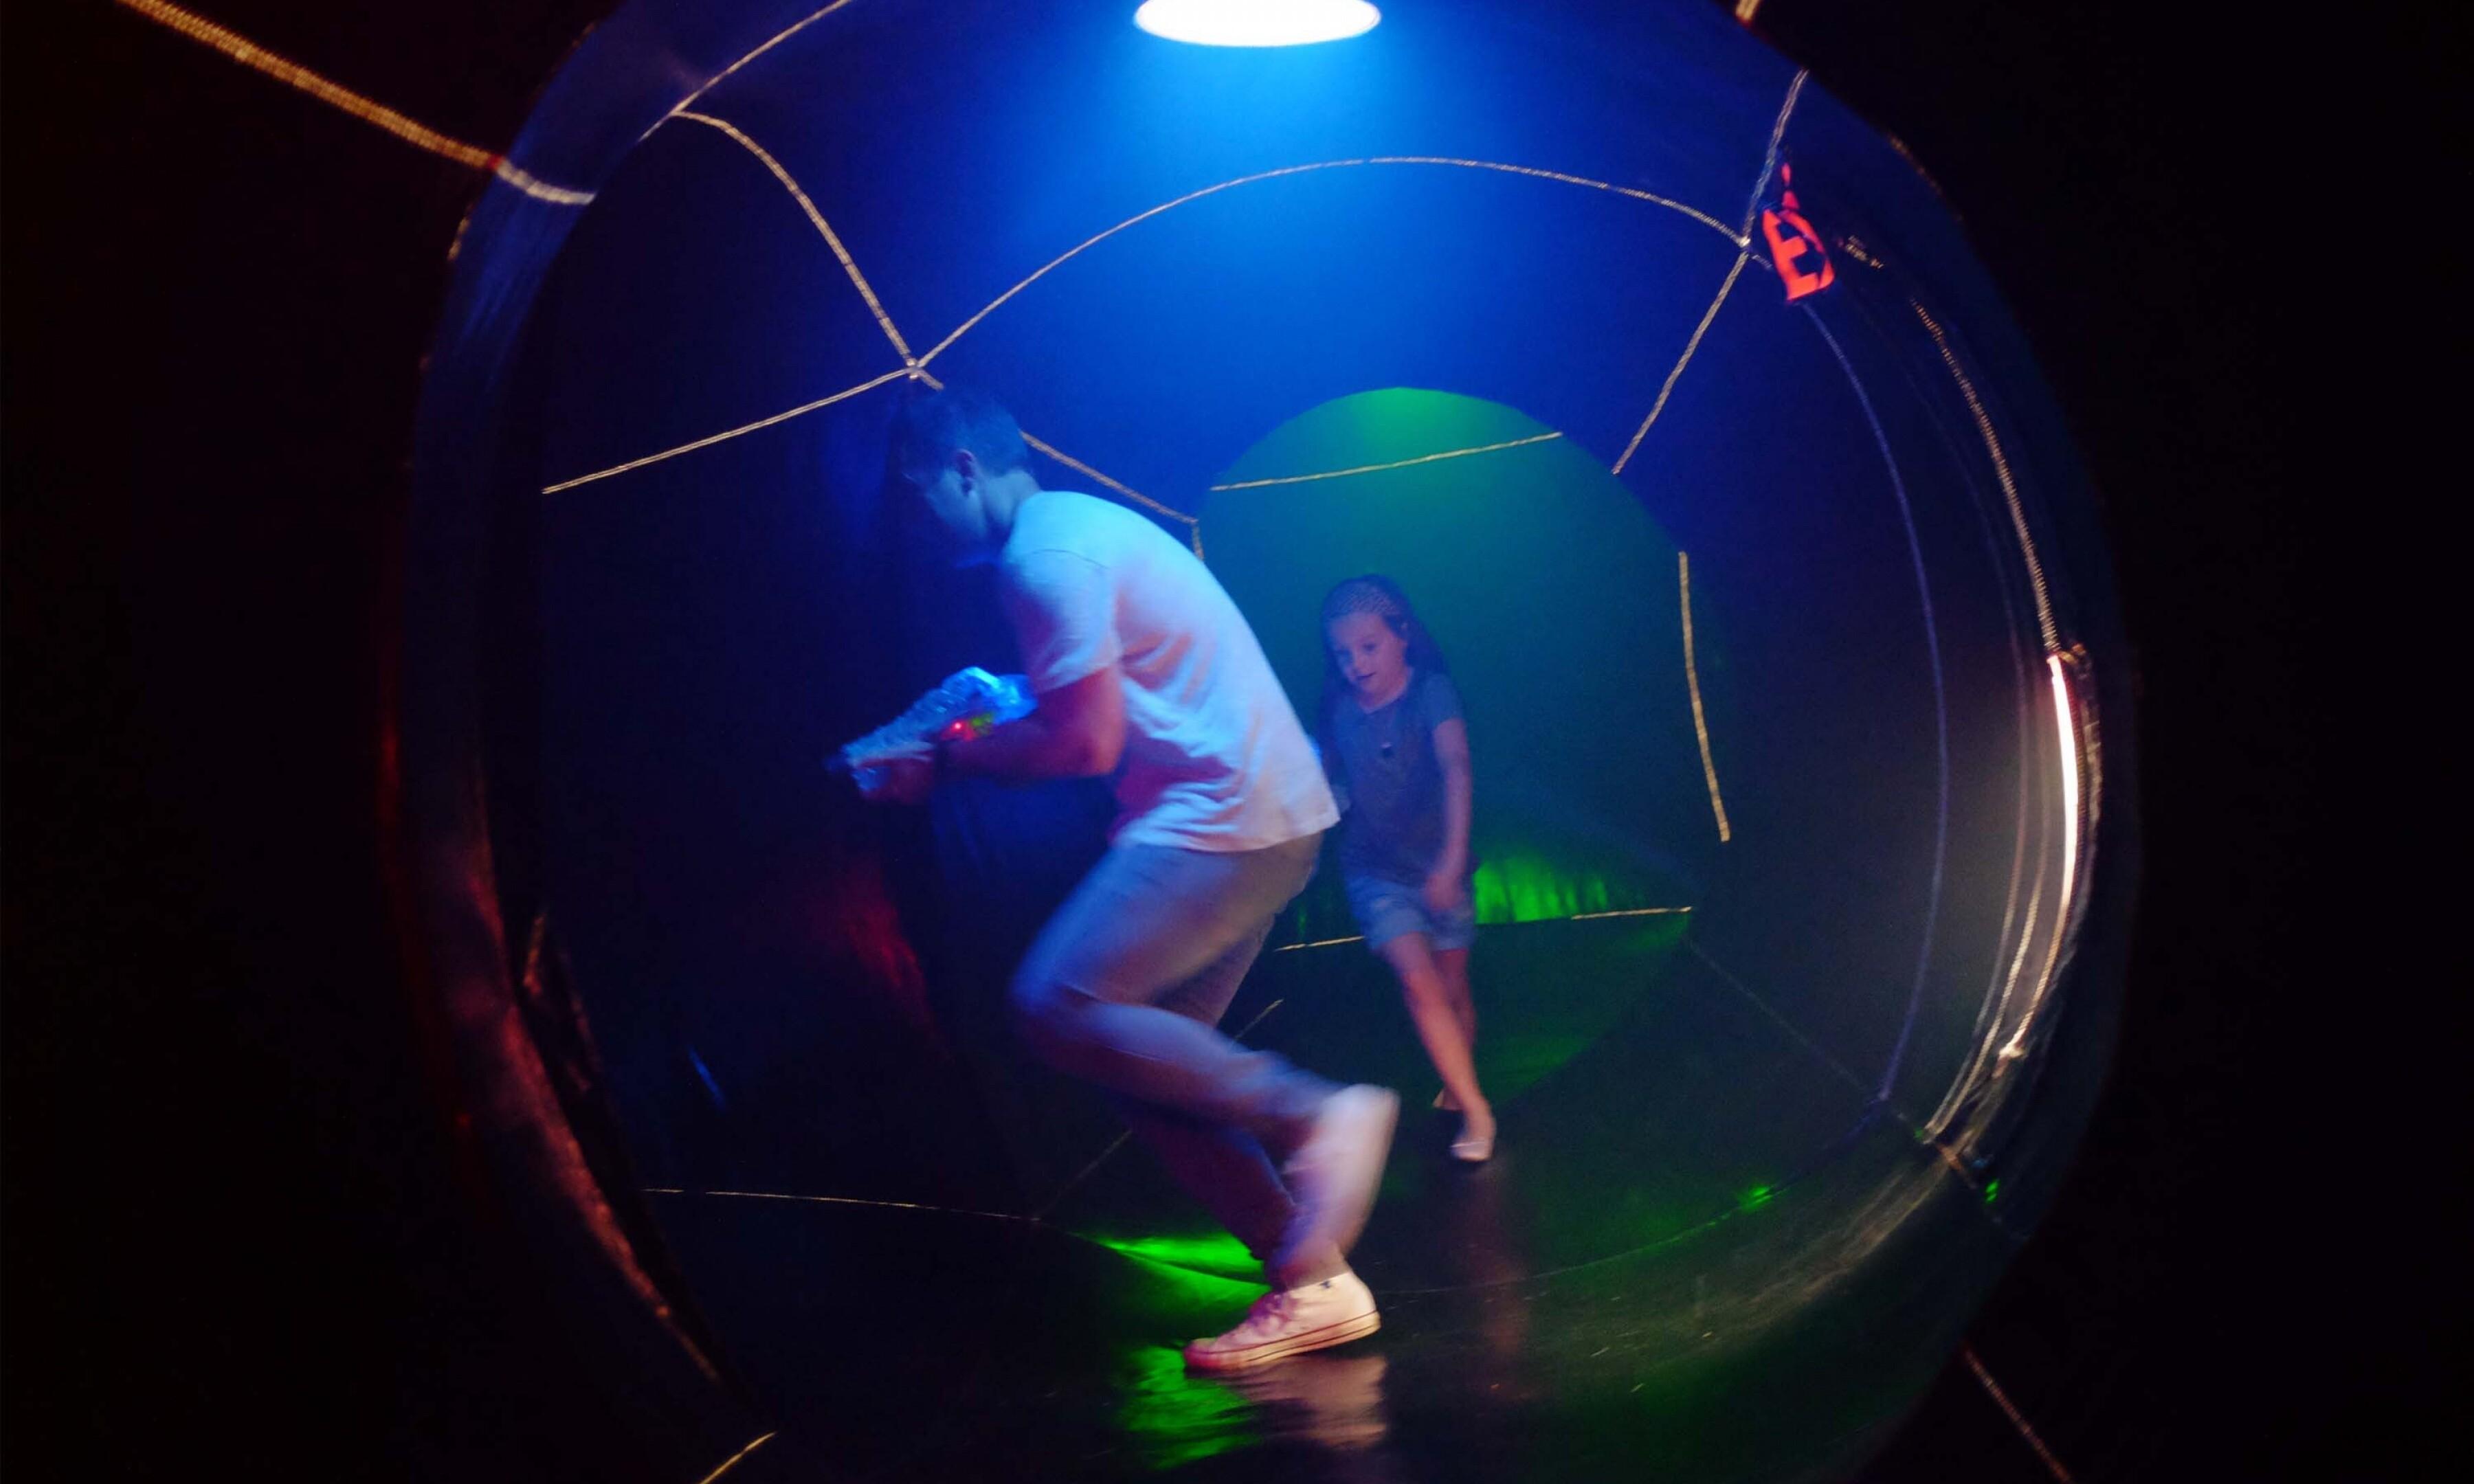 Laser tag inside 2